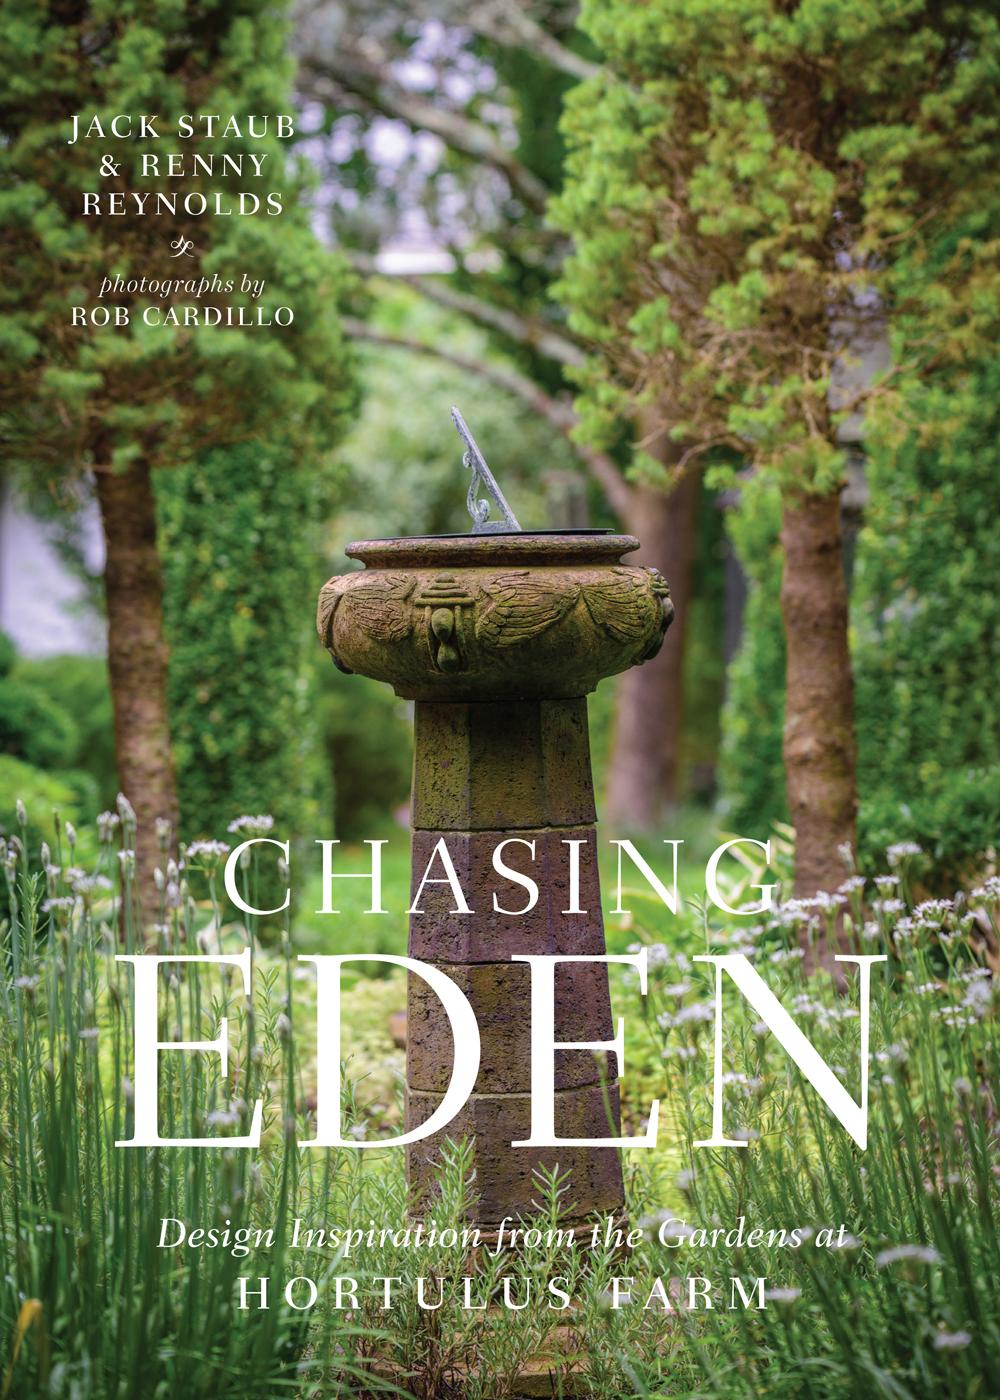 CHASING EDEN COVER.jpg